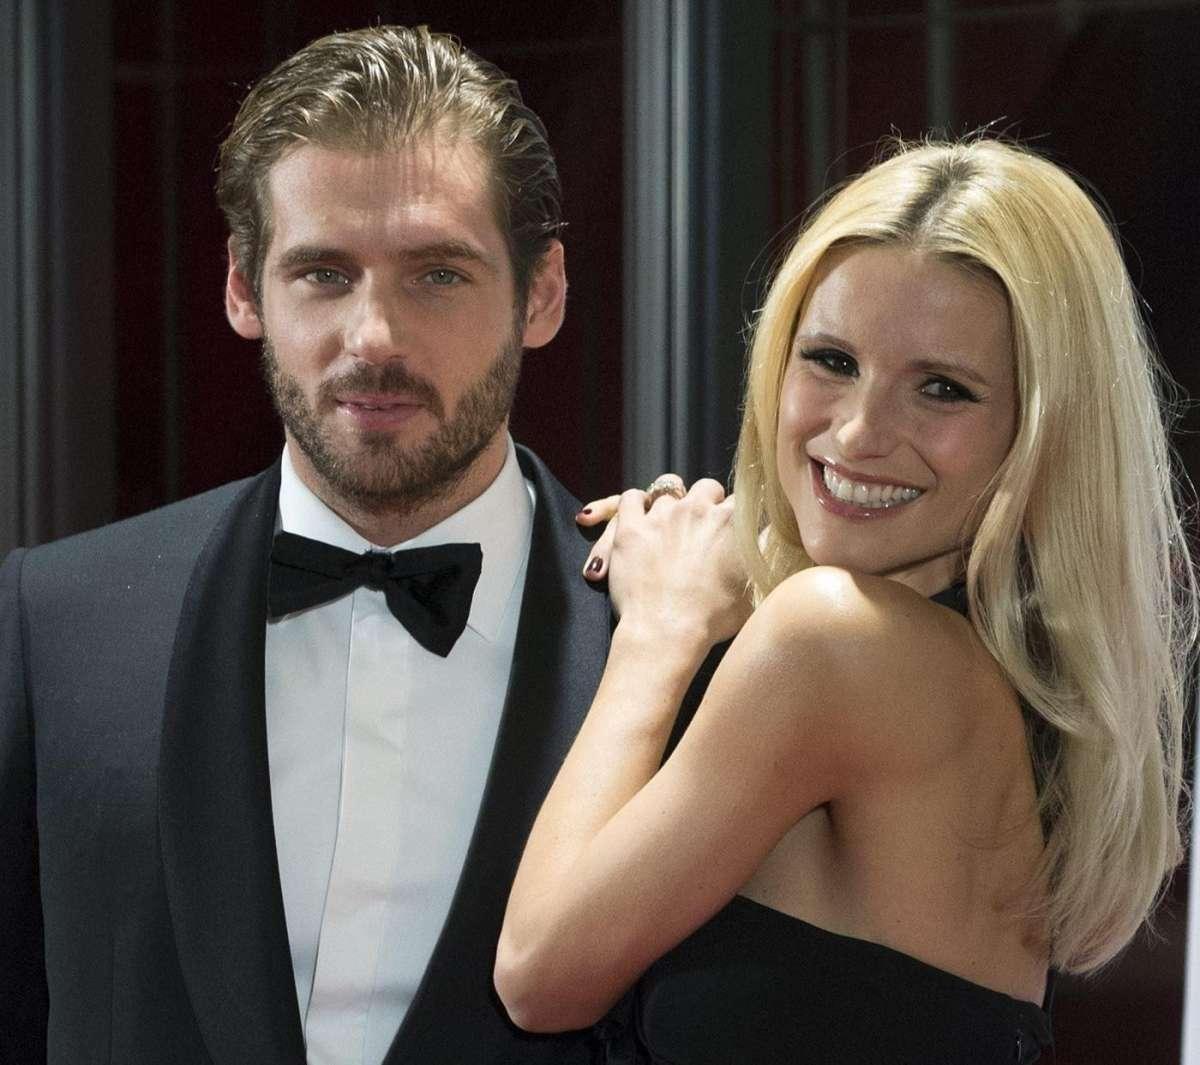 Michelle Hunziker e Tomaso Trussardi felici e innamorati